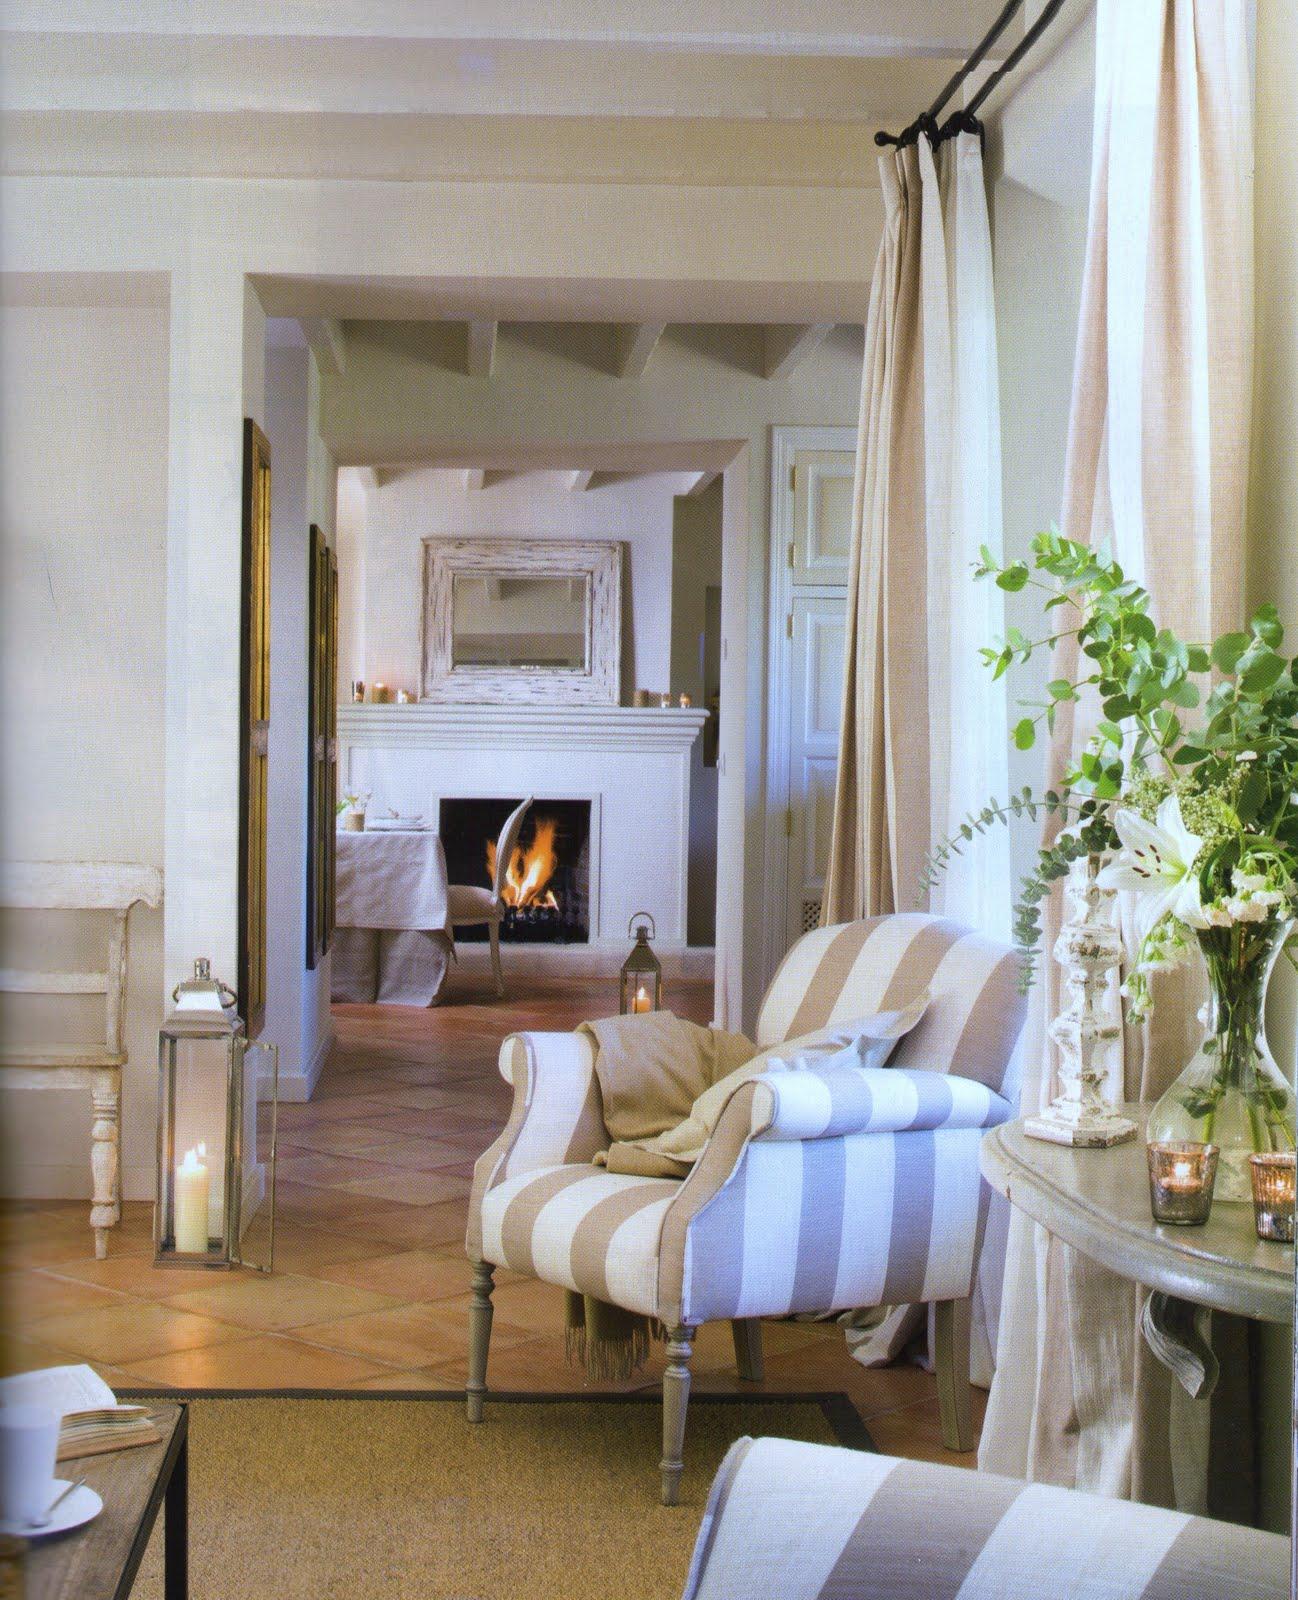 Una casa en mallorca a house in mallorca desde my for Poltroncine eleganti